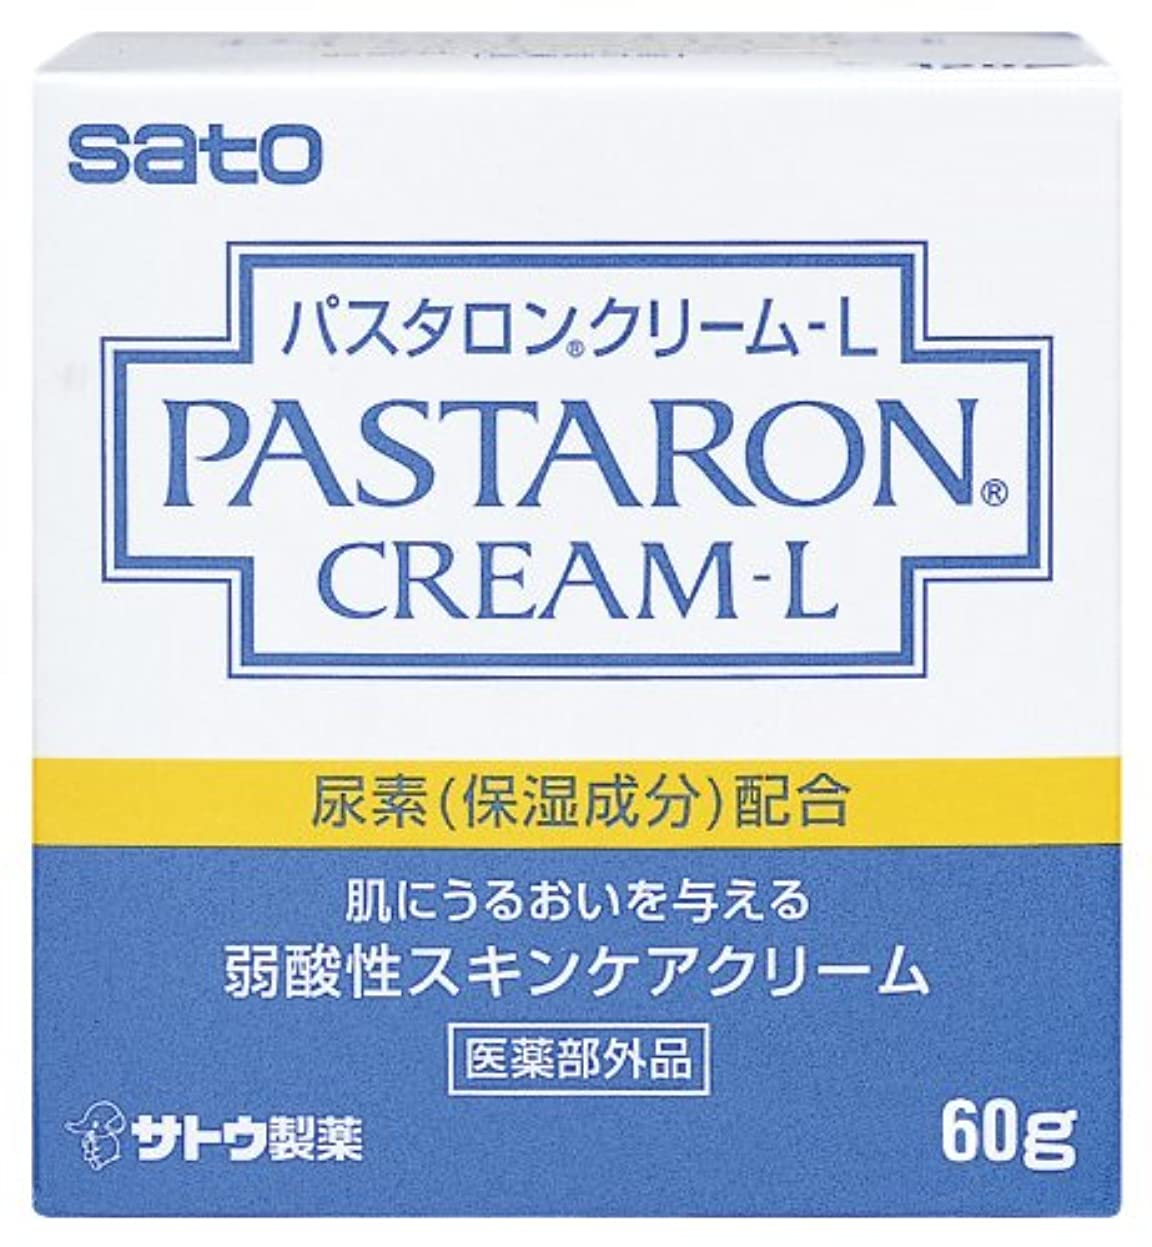 実用的丈夫ピークパスタロンクリーム-L 60g